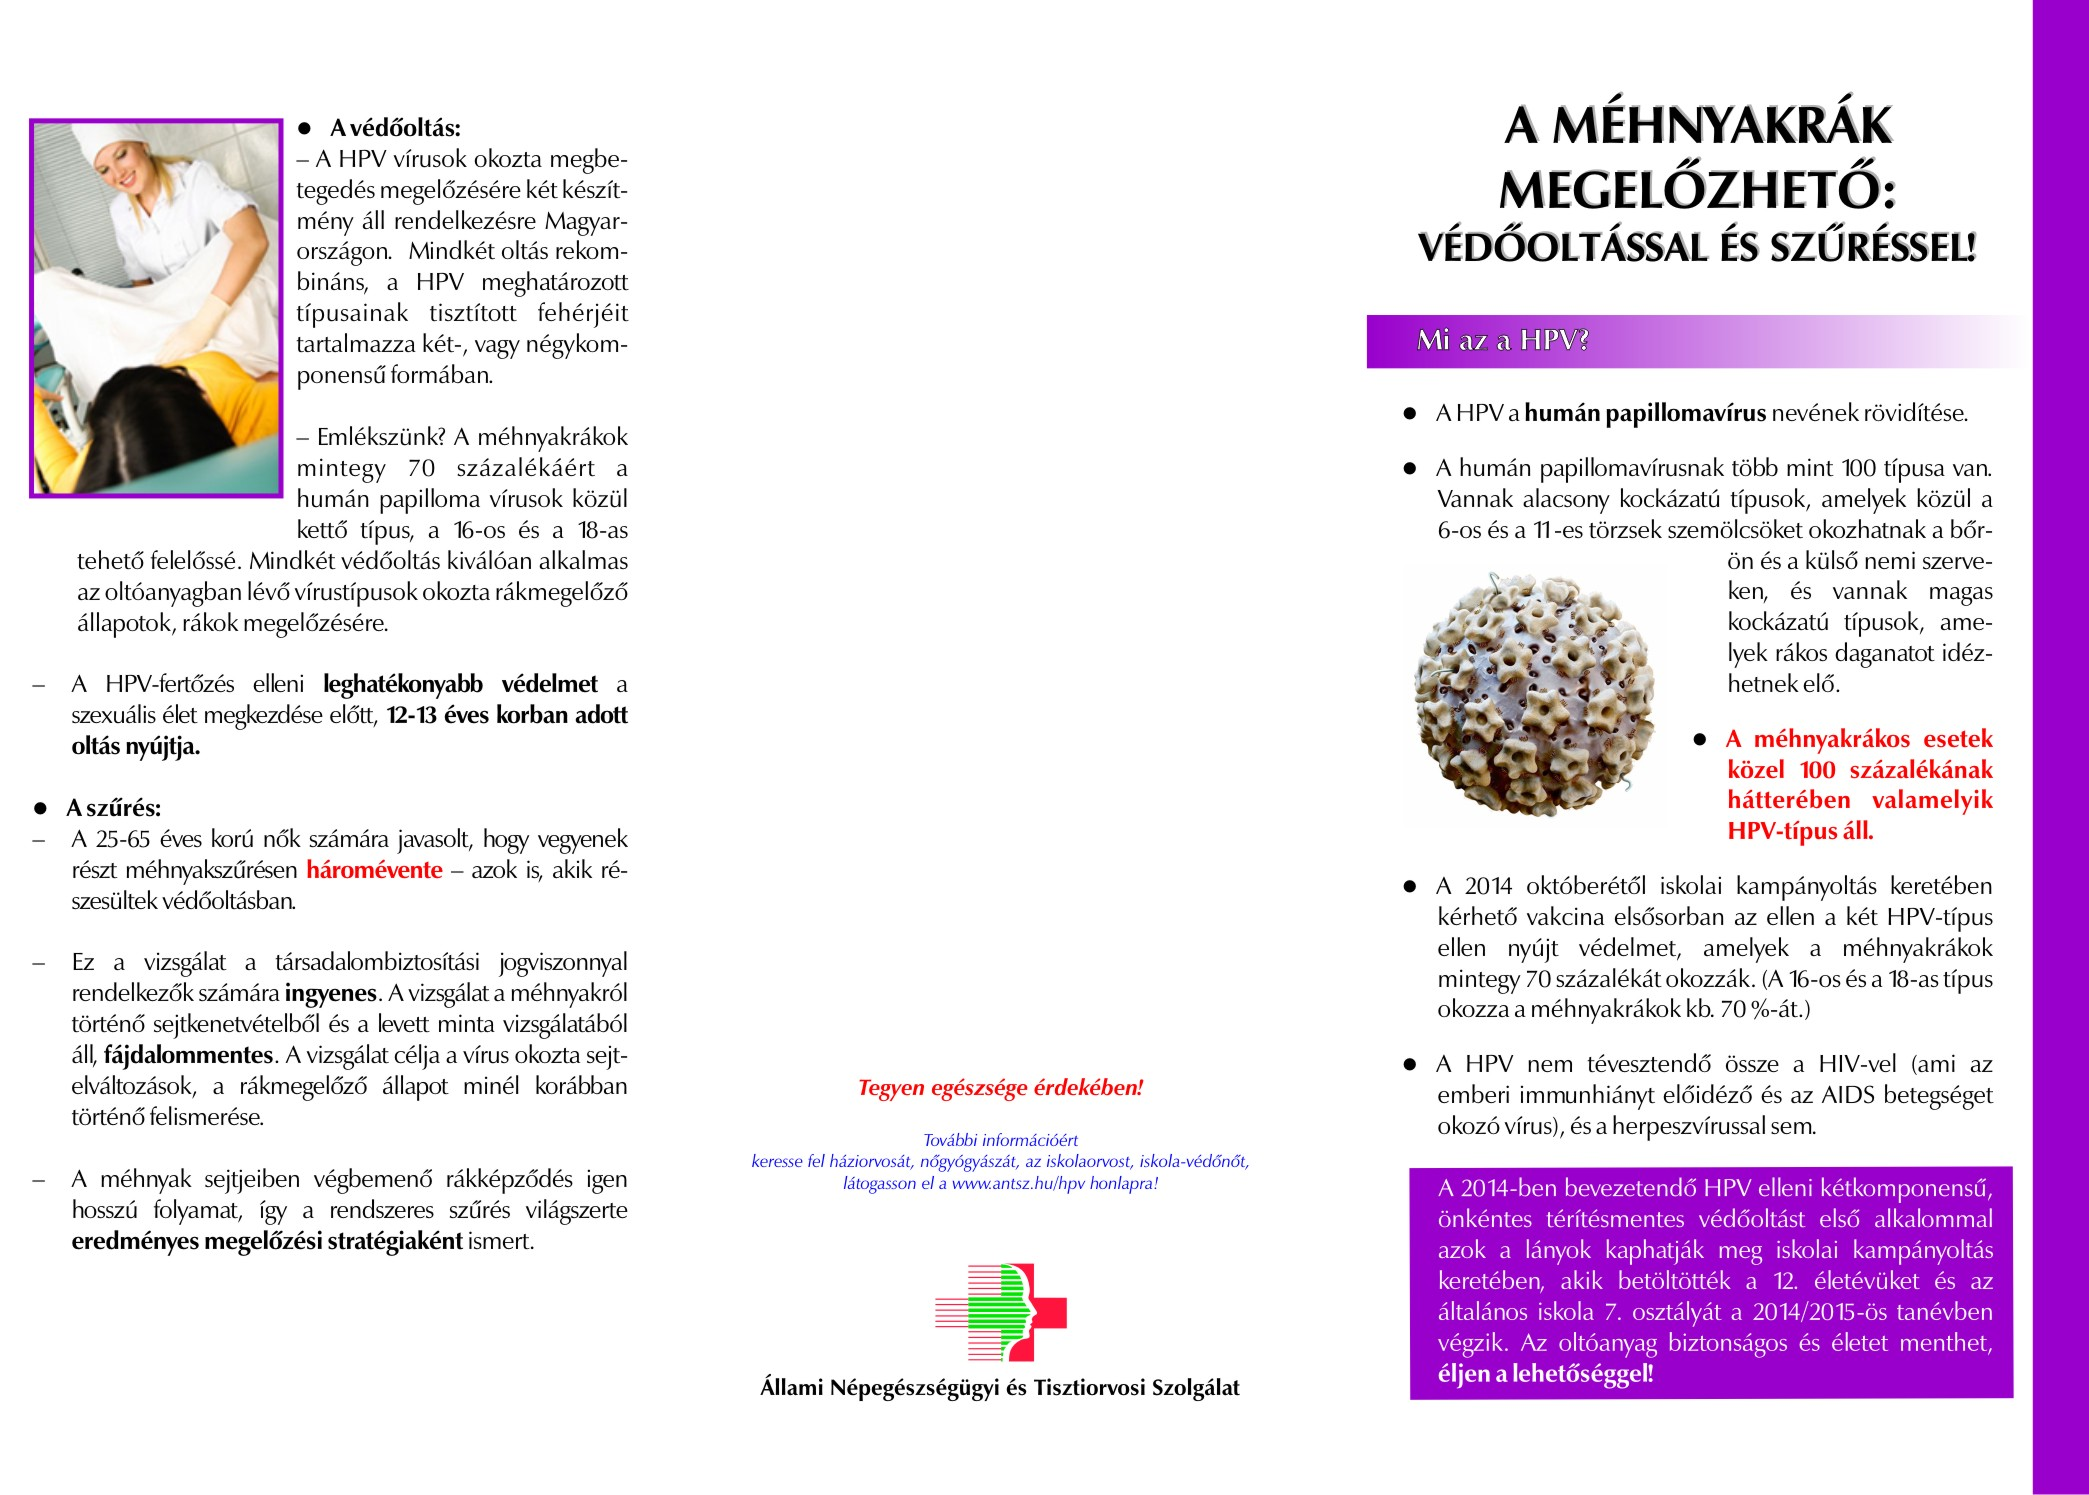 új papillomavírus elleni vakcina hogyan kell kezelni a papillómákat a testen